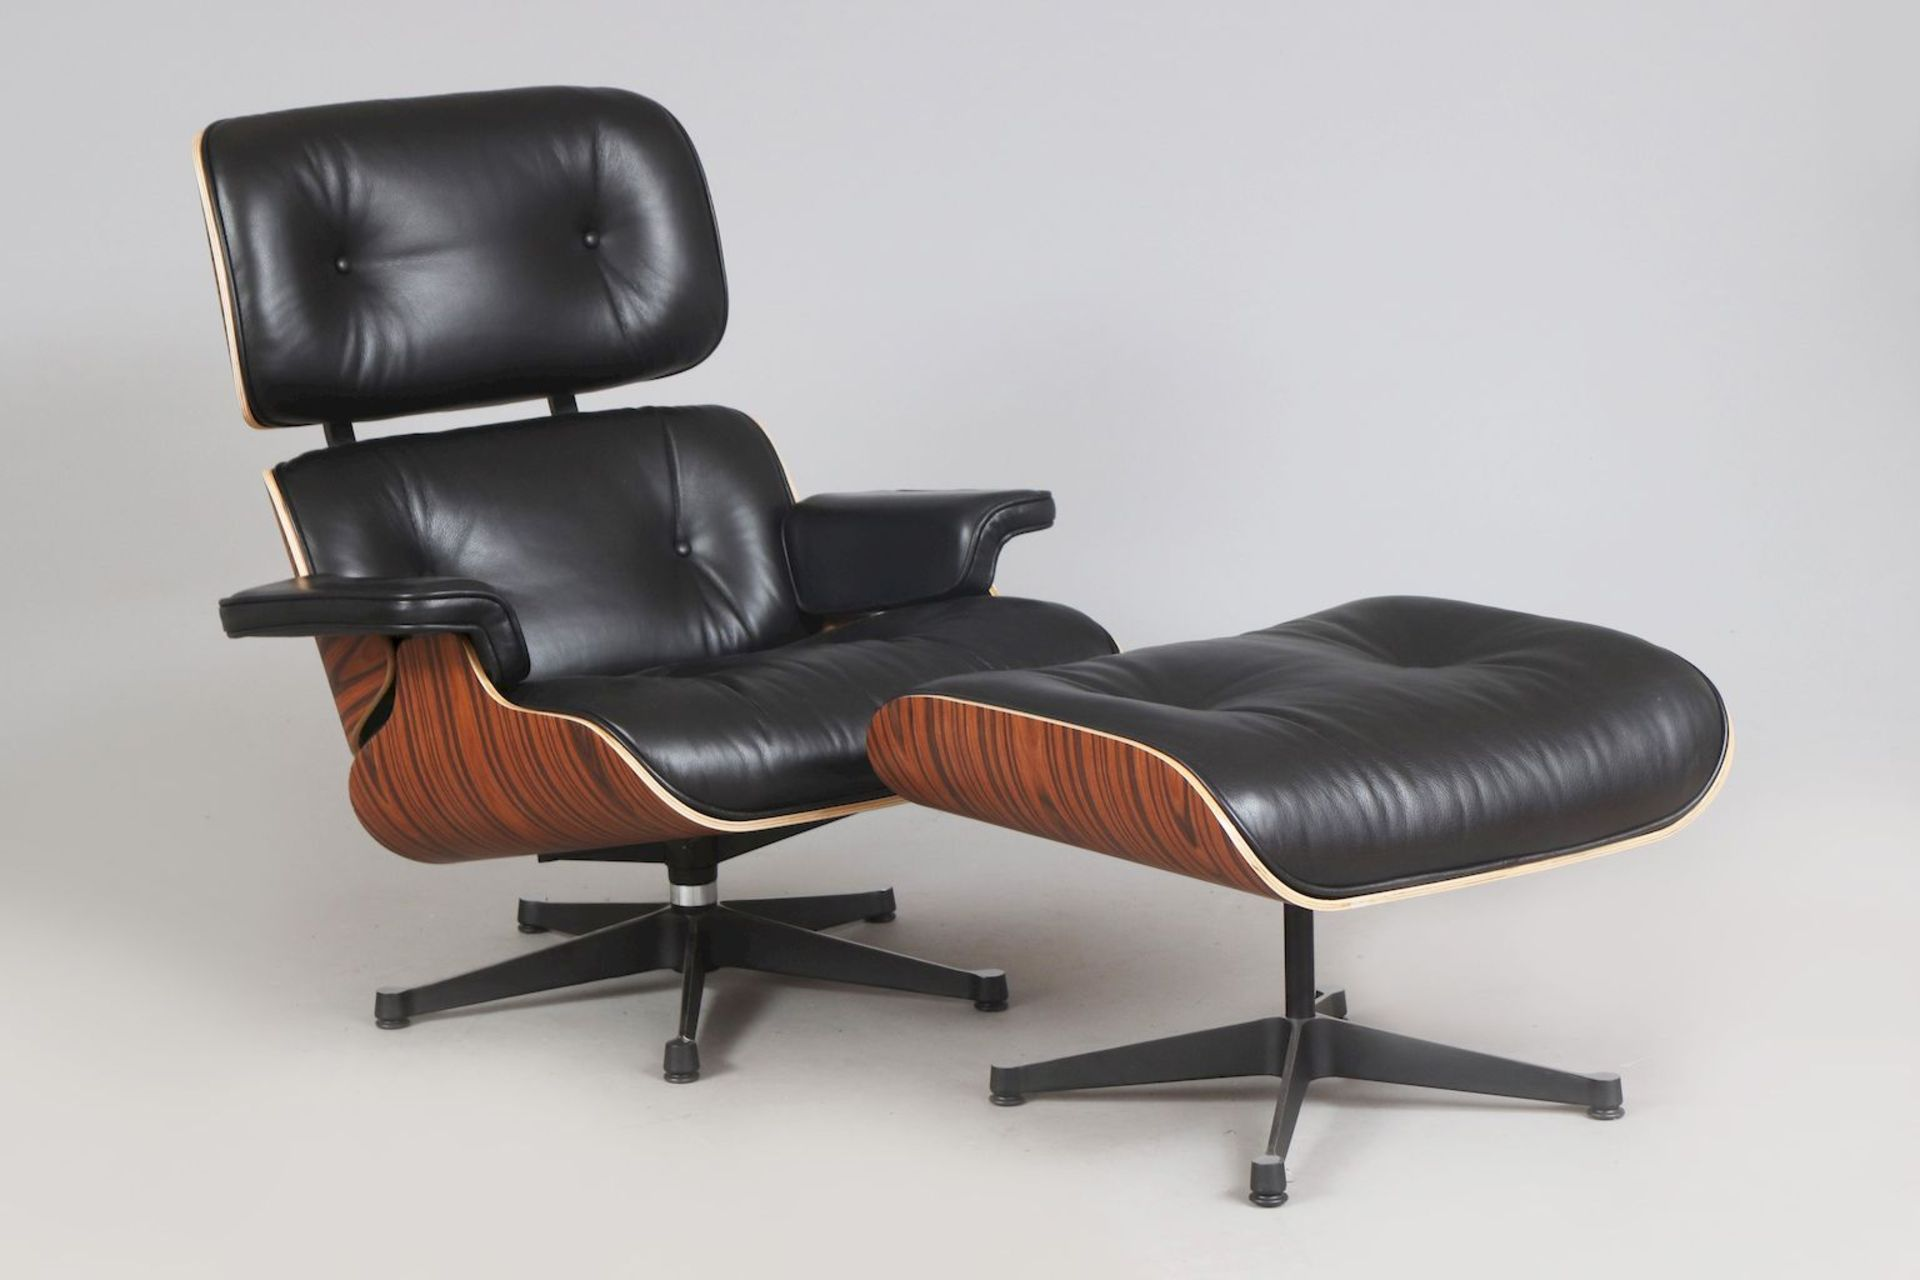 Lounge chair mit Ottomane